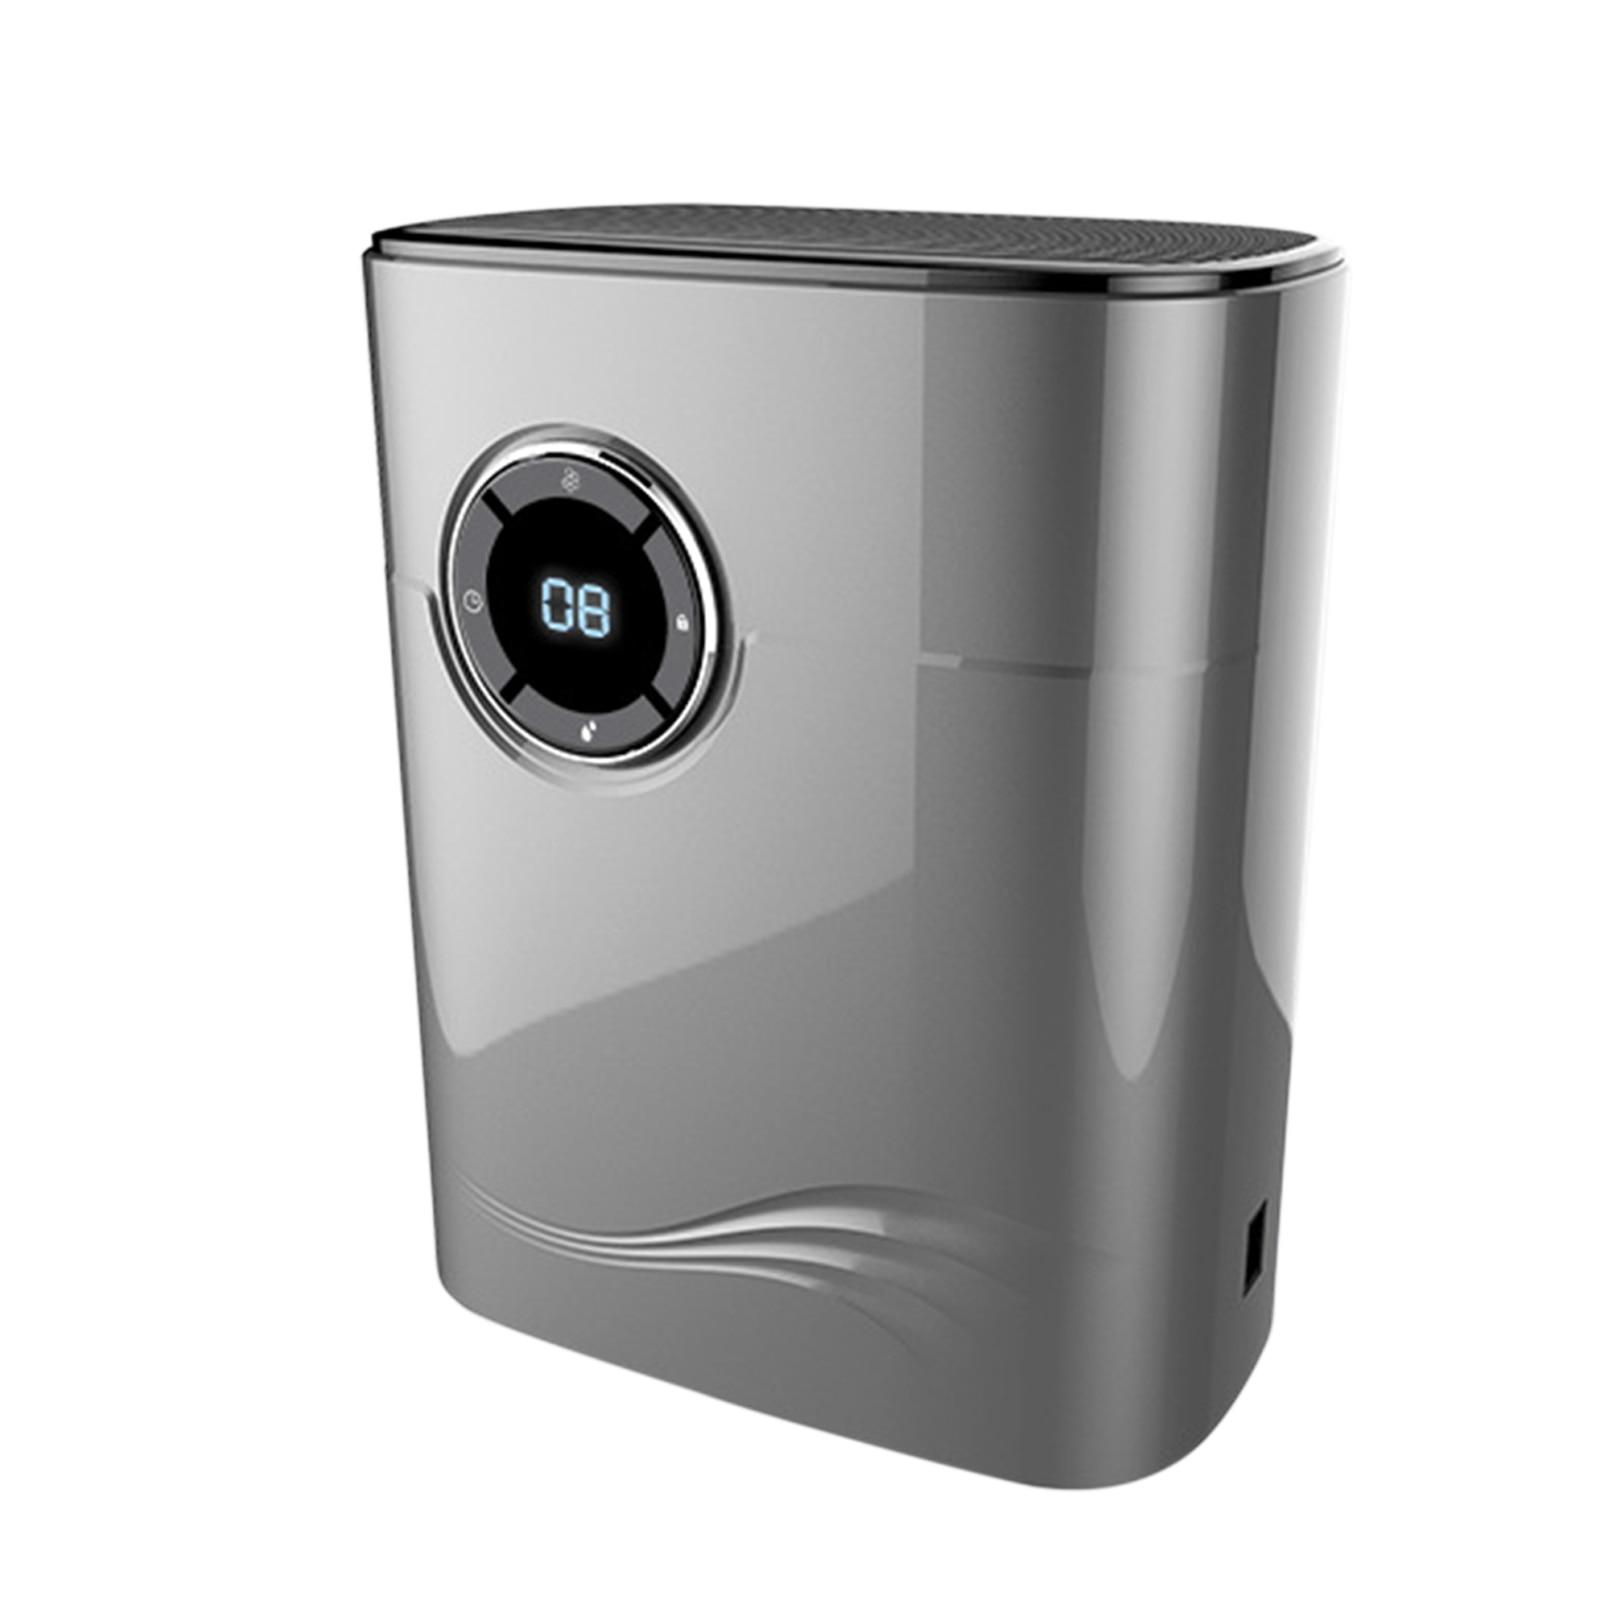 desumidificador de 1200ml 215 sq secador 04